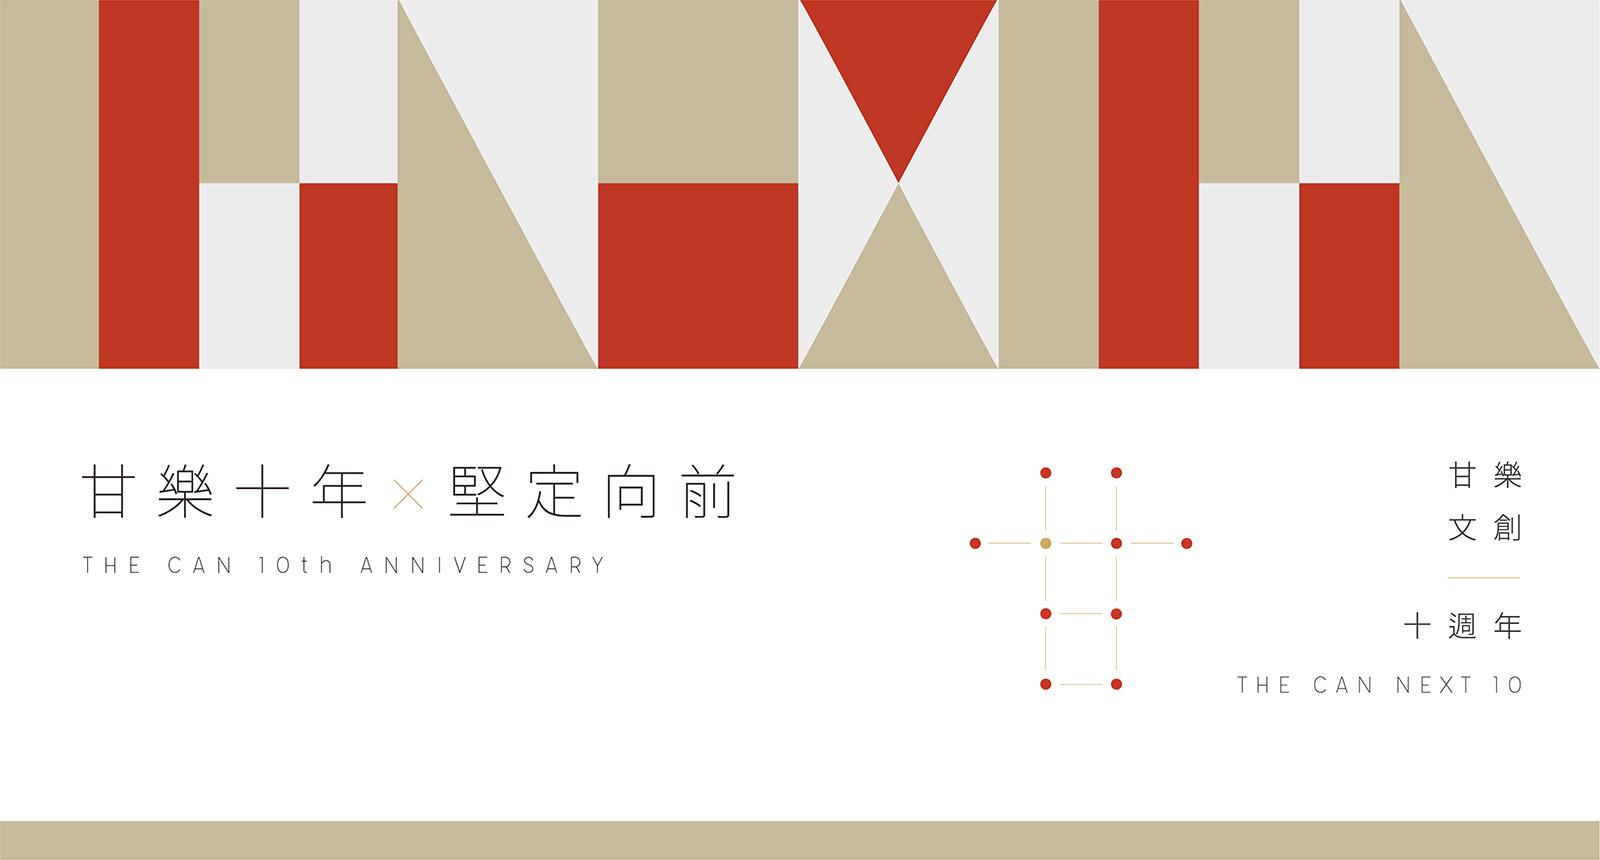 甘樂10歲了,一直不忘初衷,對於臺灣、土地、人的熱愛持續付出各種行動與改變,發掘並解決三峽社區問題以及回應在地的需要,未來我們也想要透過十年累積的能量,將這一些愛持續散佈在各個臺灣的各個角落,我們會謹記創立時的初衷與信念,努力成就更多美好的事物,與社區共生共榮,達到城鄉共好循環 !  甘樂在10年間,一直不忘初衷,對於臺灣、土地、人的熱愛持續付出各種行動與改變,發掘並解決社區問題以及回應在地的需要,未來我們也想要透過10年累積的能量,將這一些愛持續散佈在各個臺灣的各個角落。 | 甘樂文創 | 甘之如飴,樂在其中